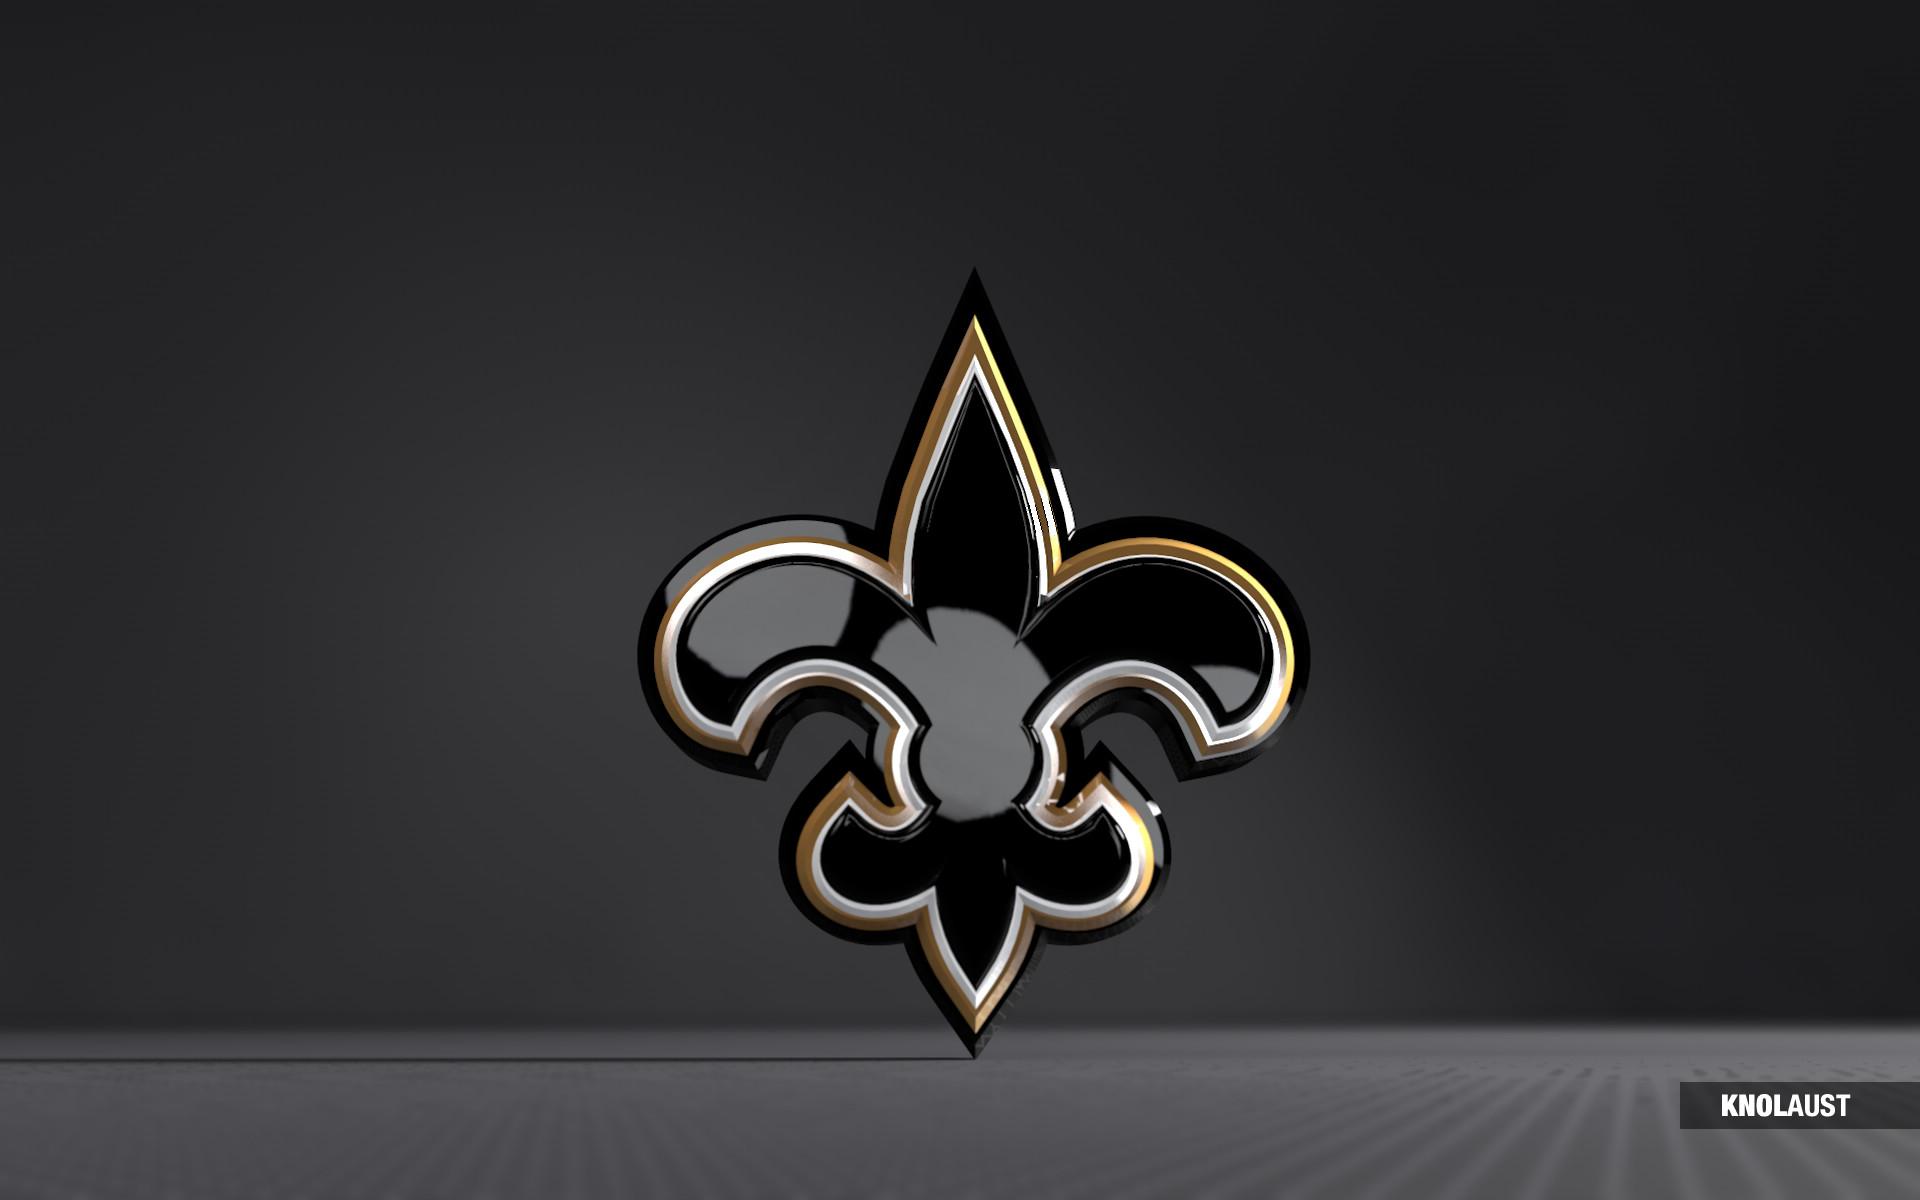 1920x1080 New Orleans Saints Logo 1080p